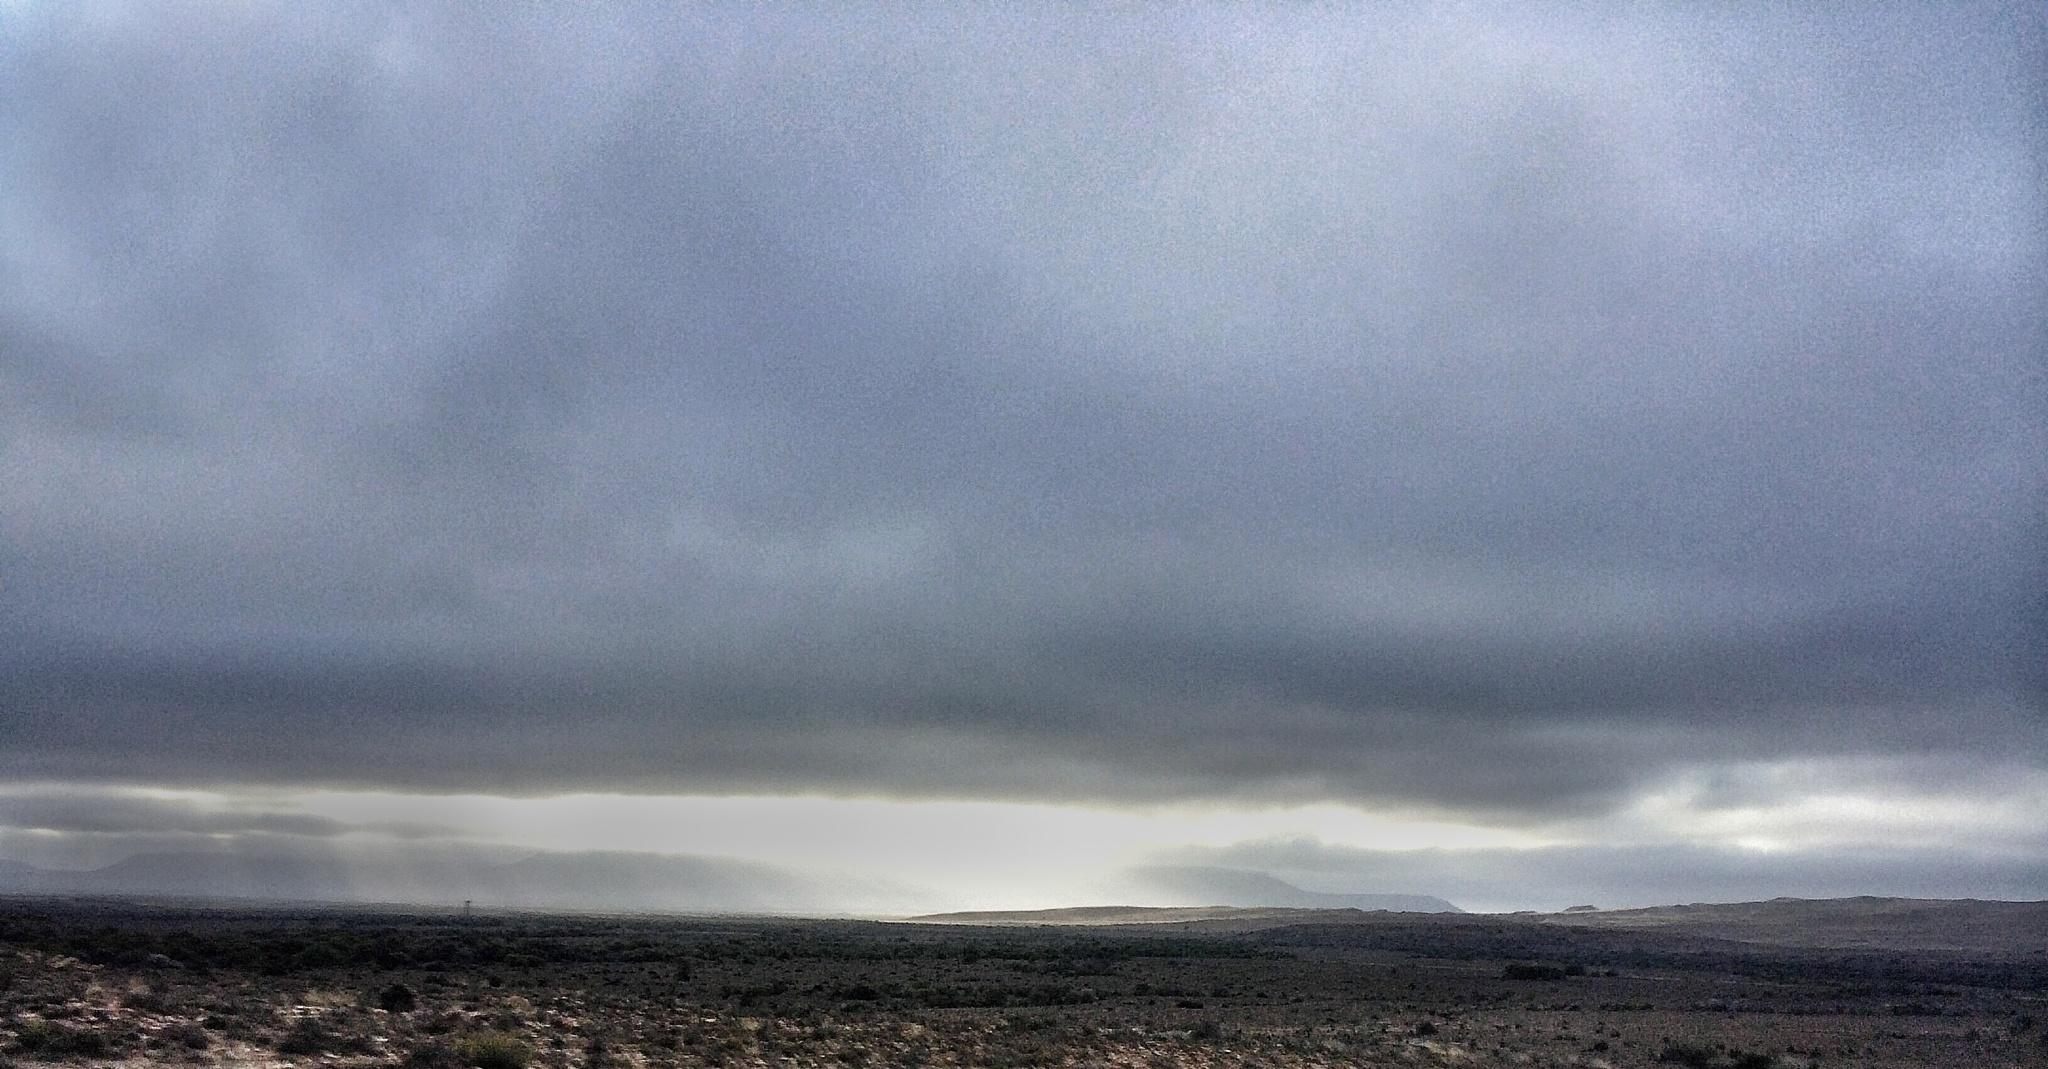 Dawn over the Karoo by Martha van der Westhuizen